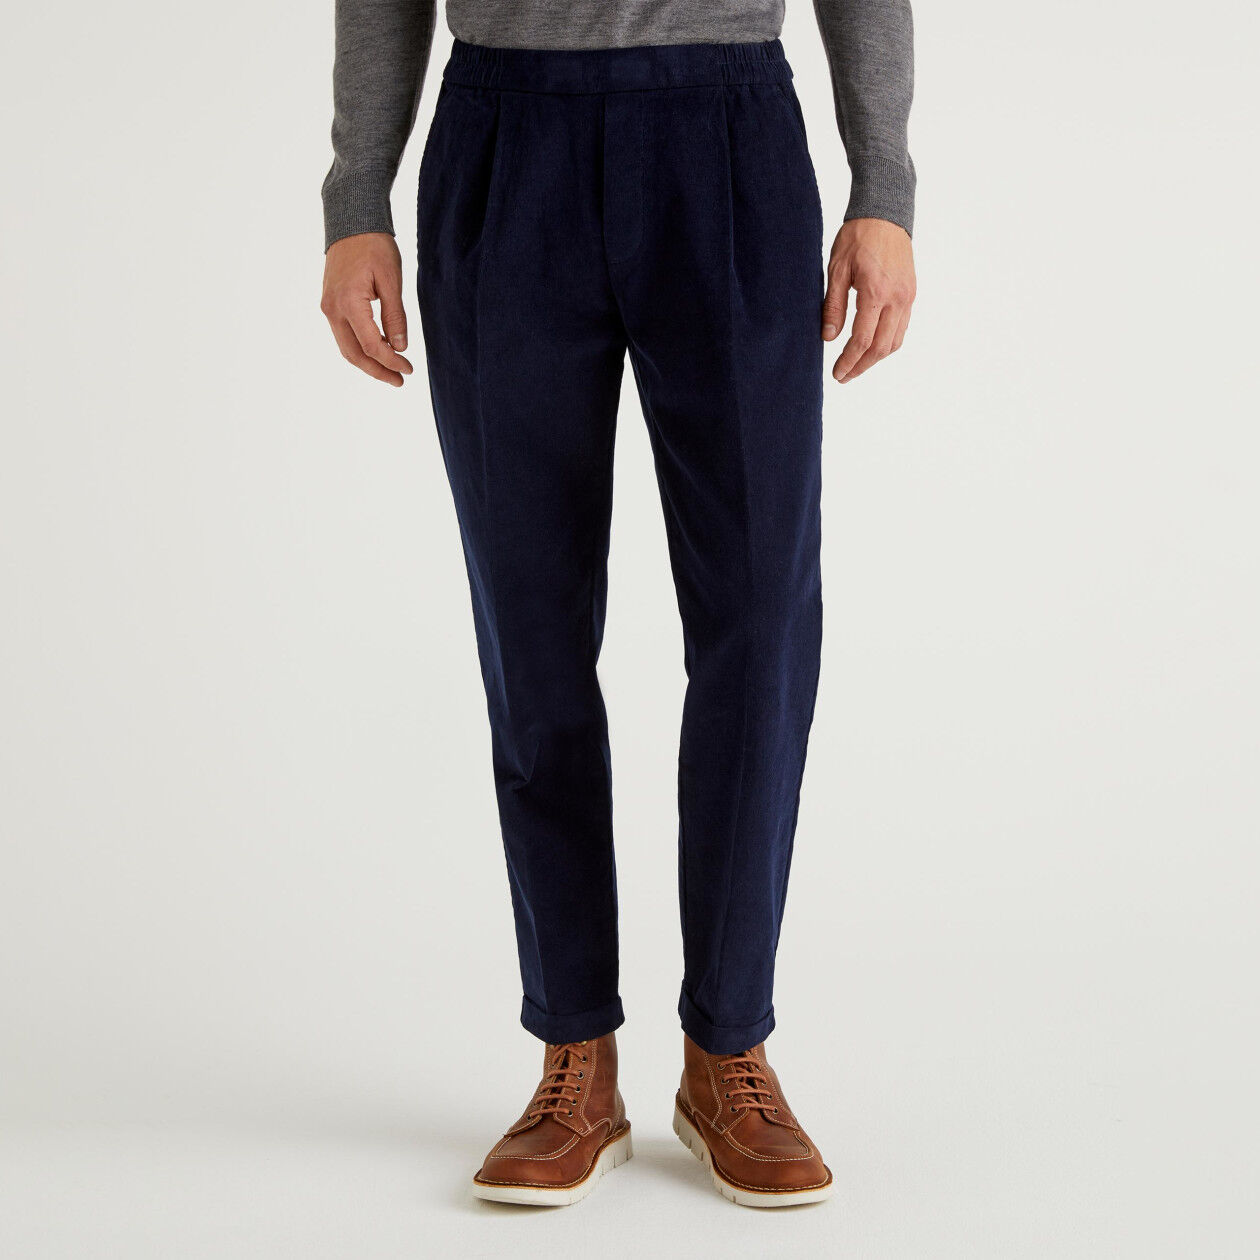 Pantaloni in velluto con risvolto